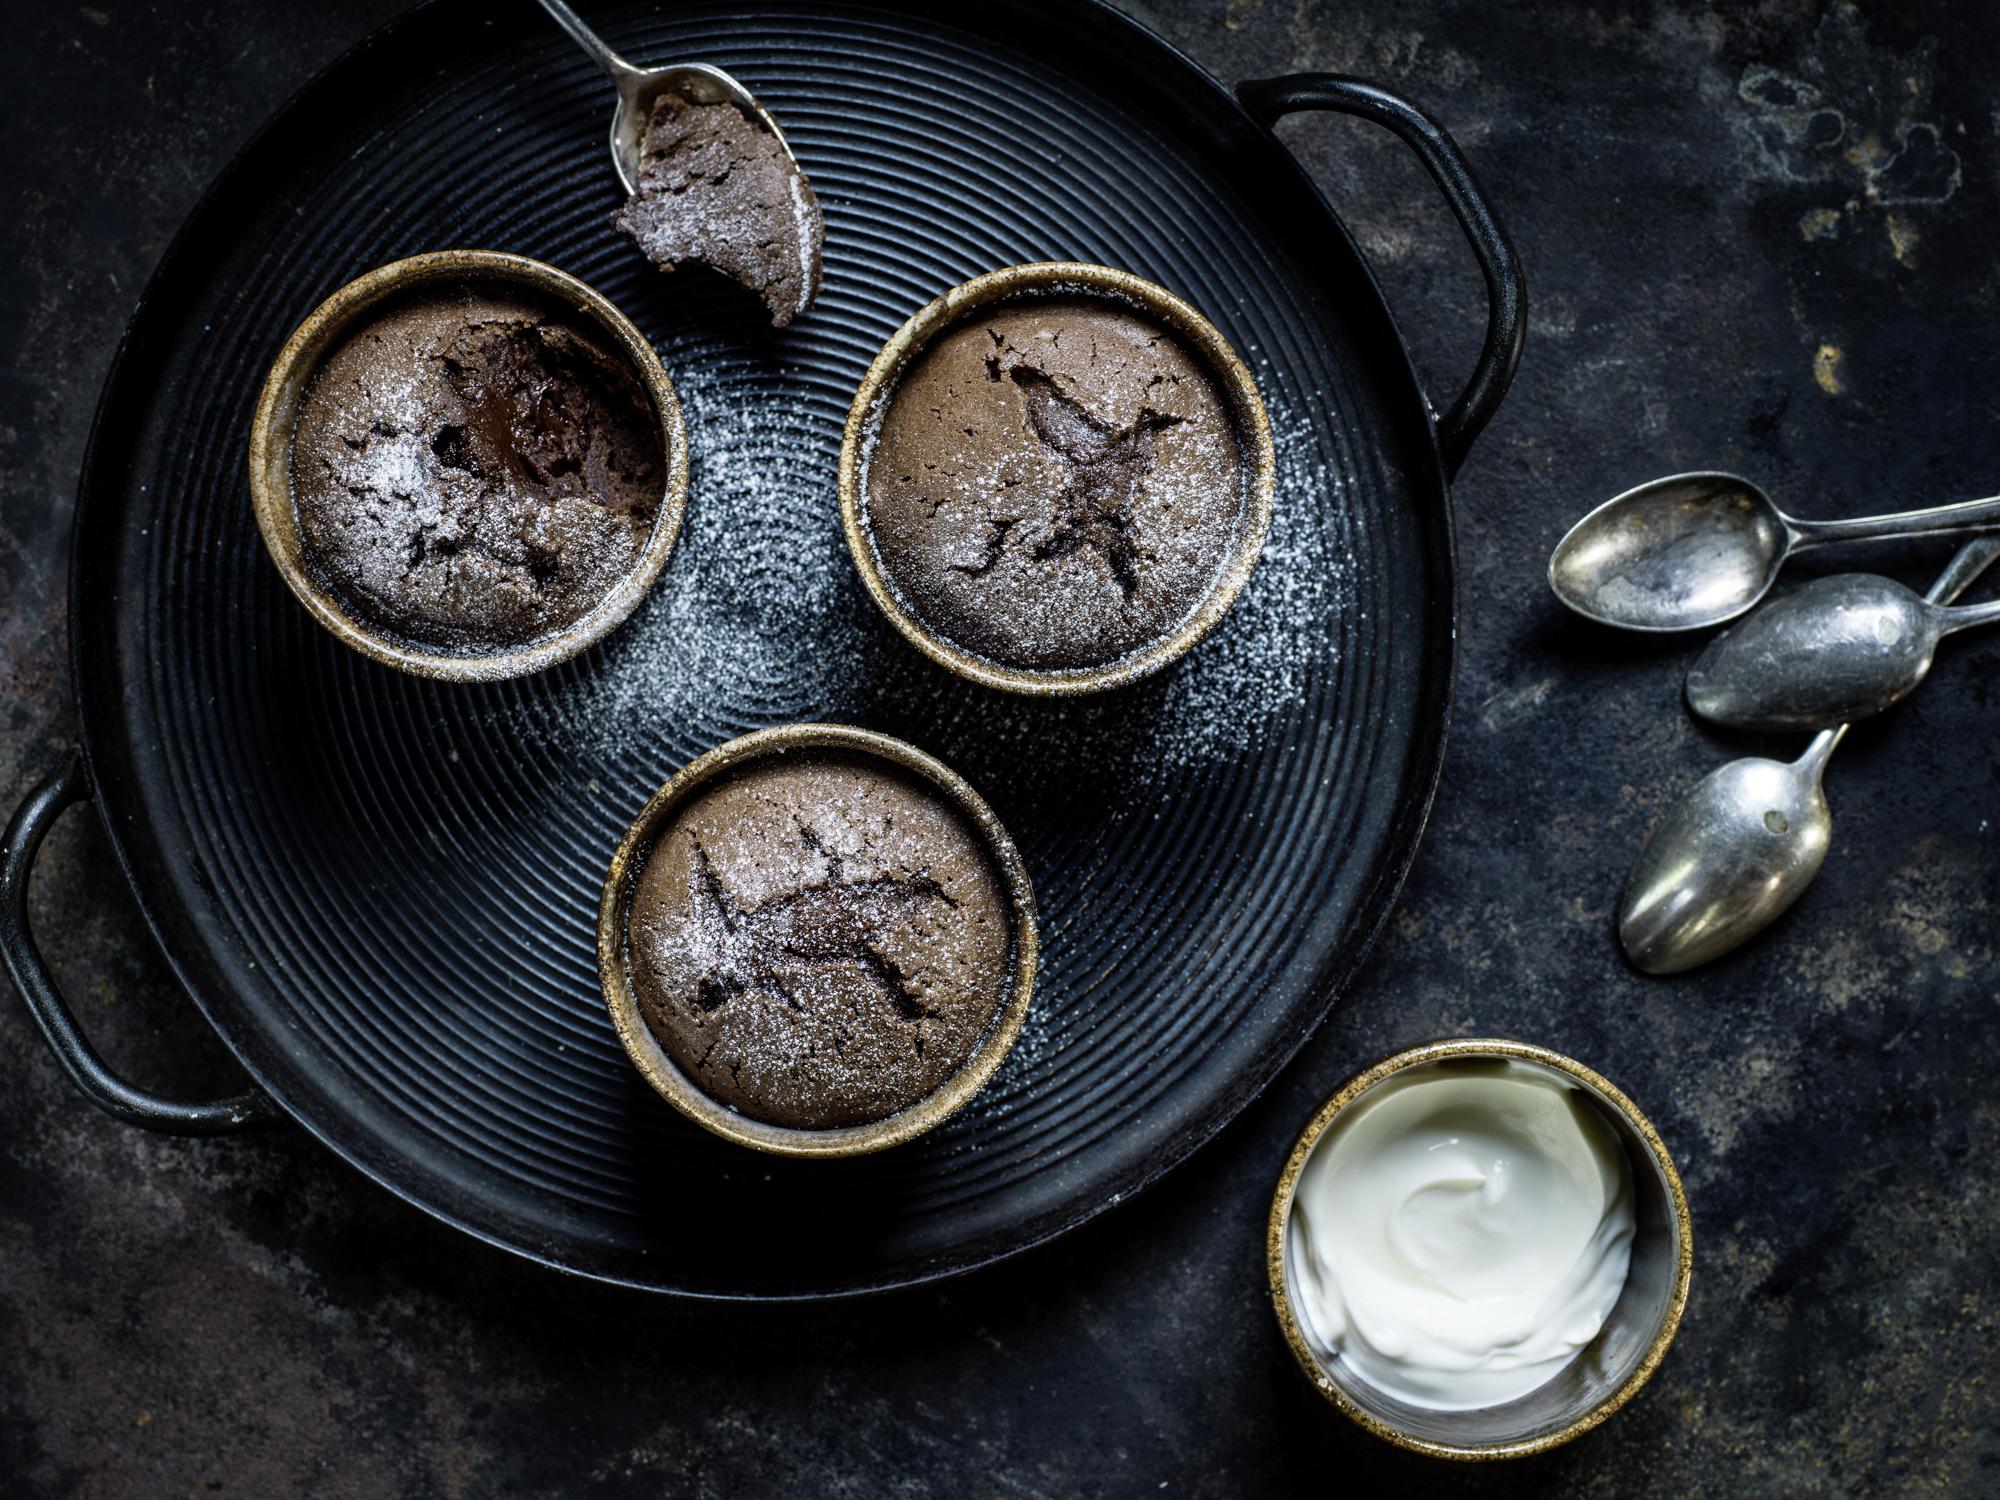 Food Fotoshooting | Stefan Schmidlin Fotografie Basel, Bild -12.jpg